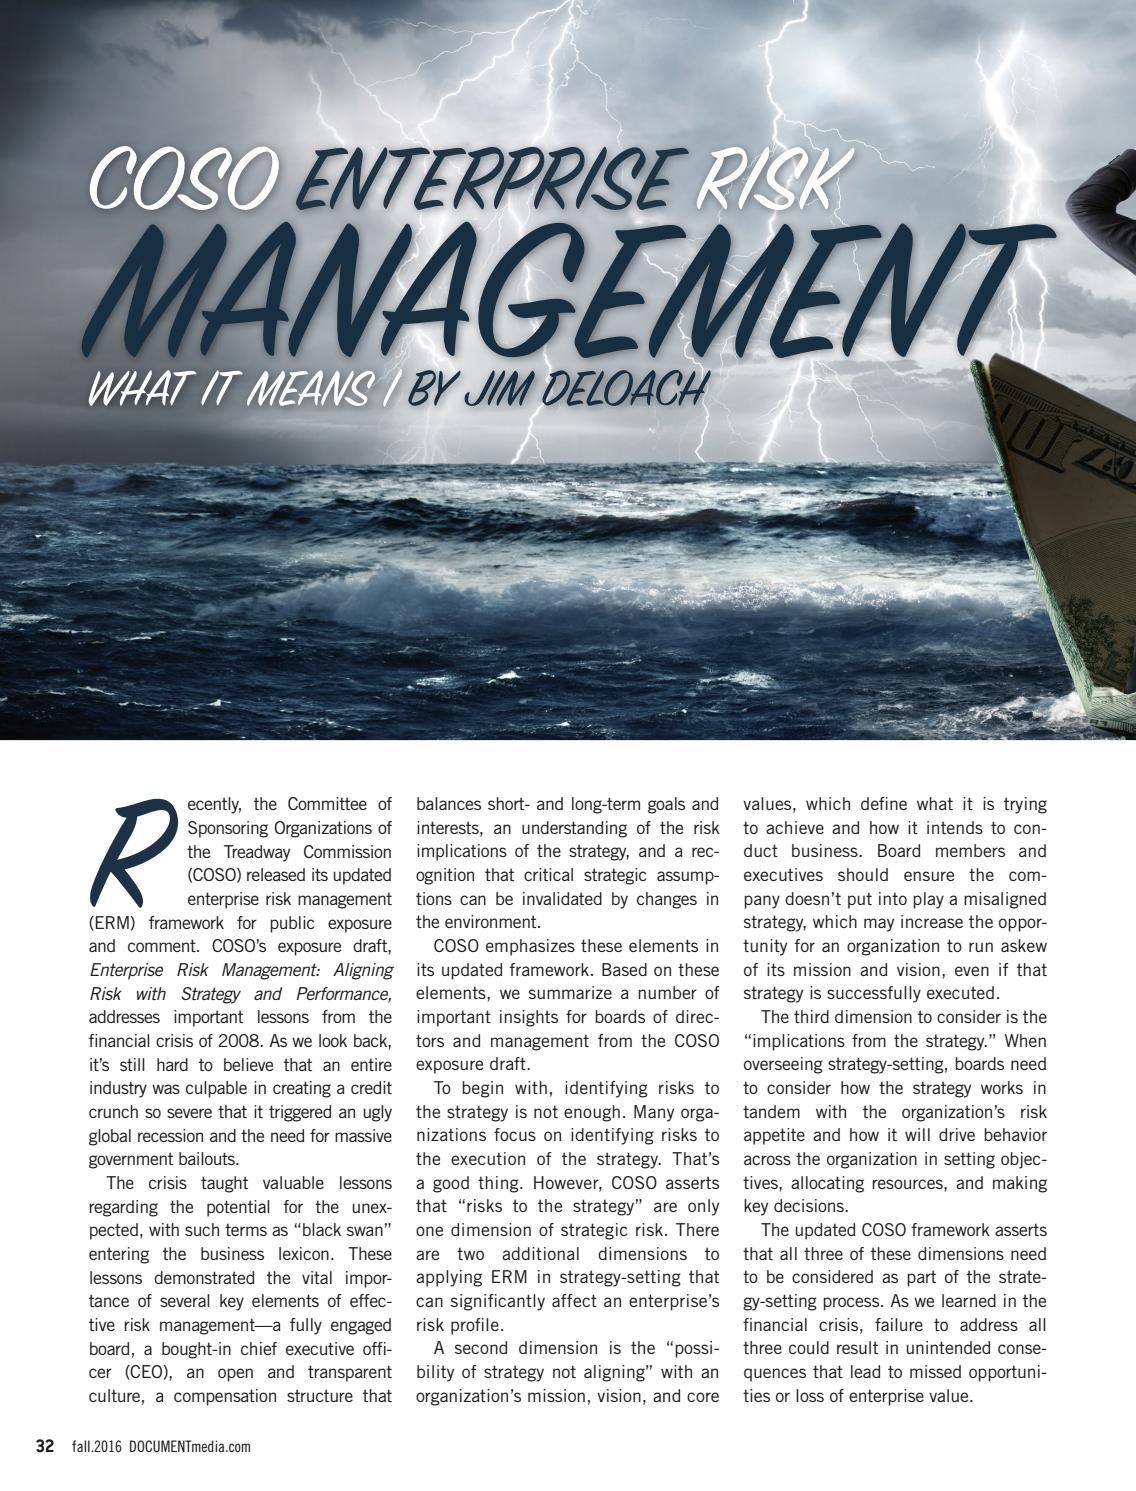 Coso 2016 enterprise risk management aligning risk with strategy - Coso 2016 Enterprise Risk Management Aligning Risk With Strategy 25